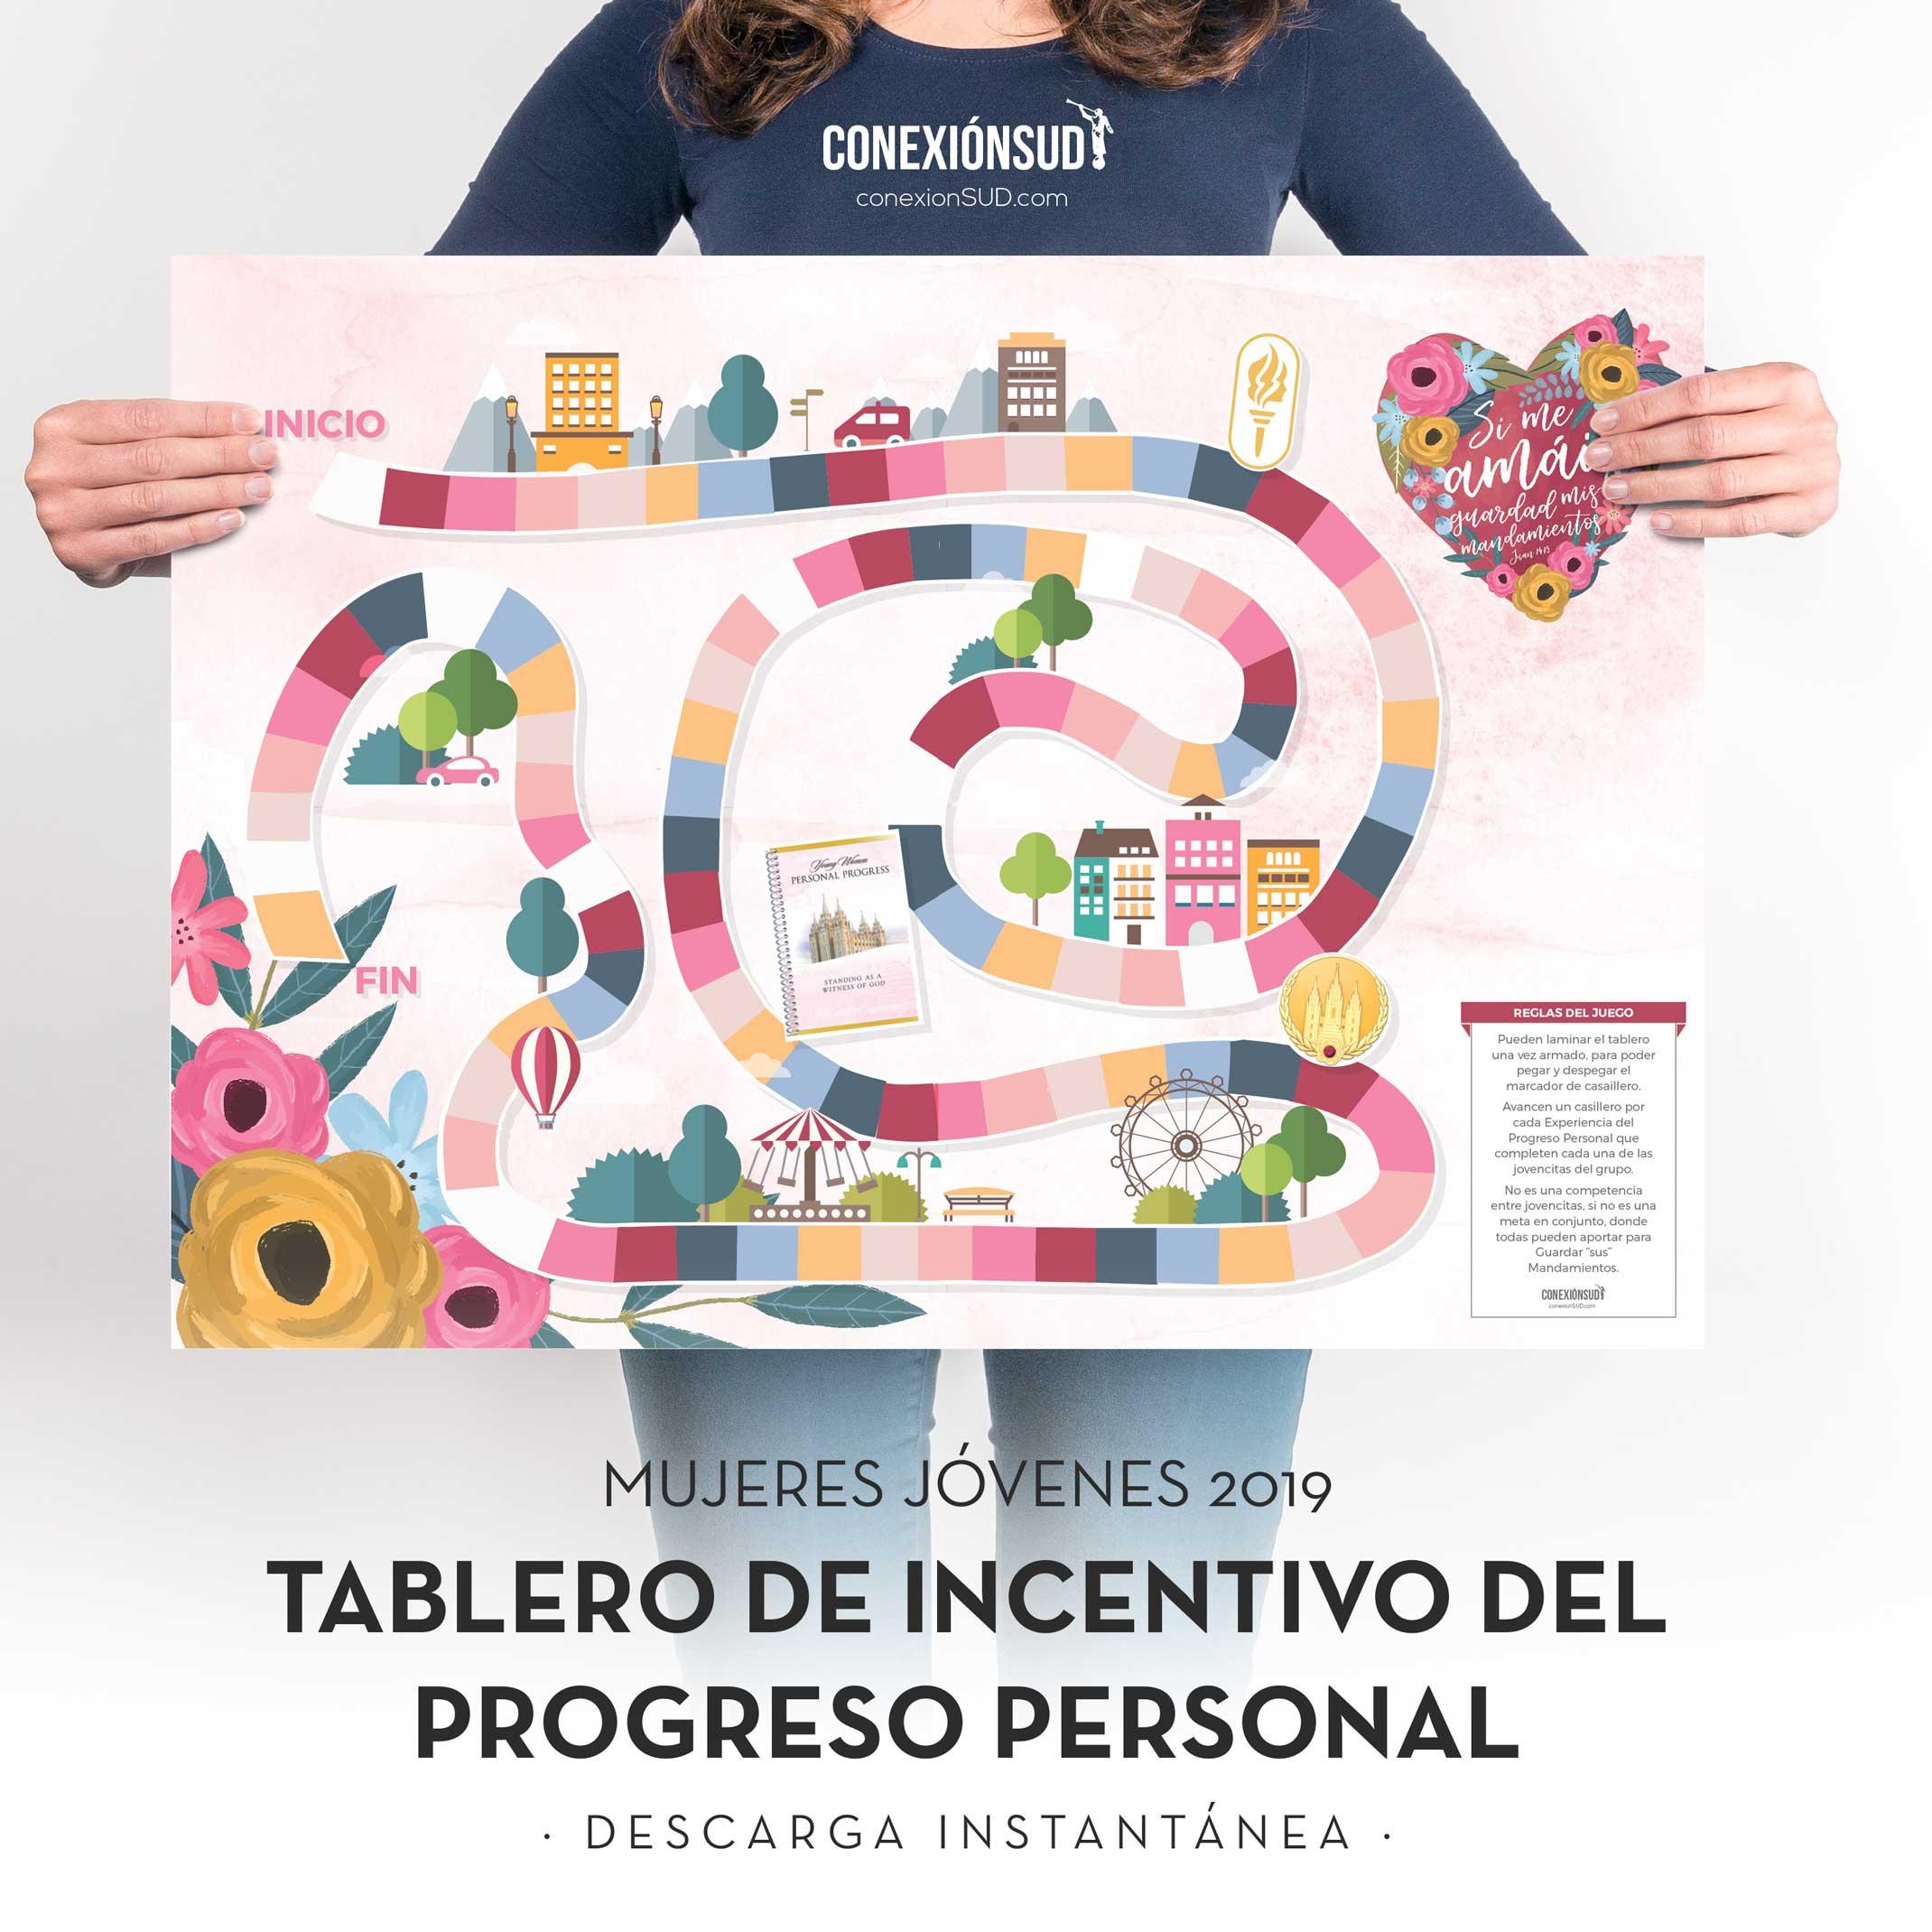 Tablero-progreso-personal-Mujeres-Jovenes-2019-ConexionSUD